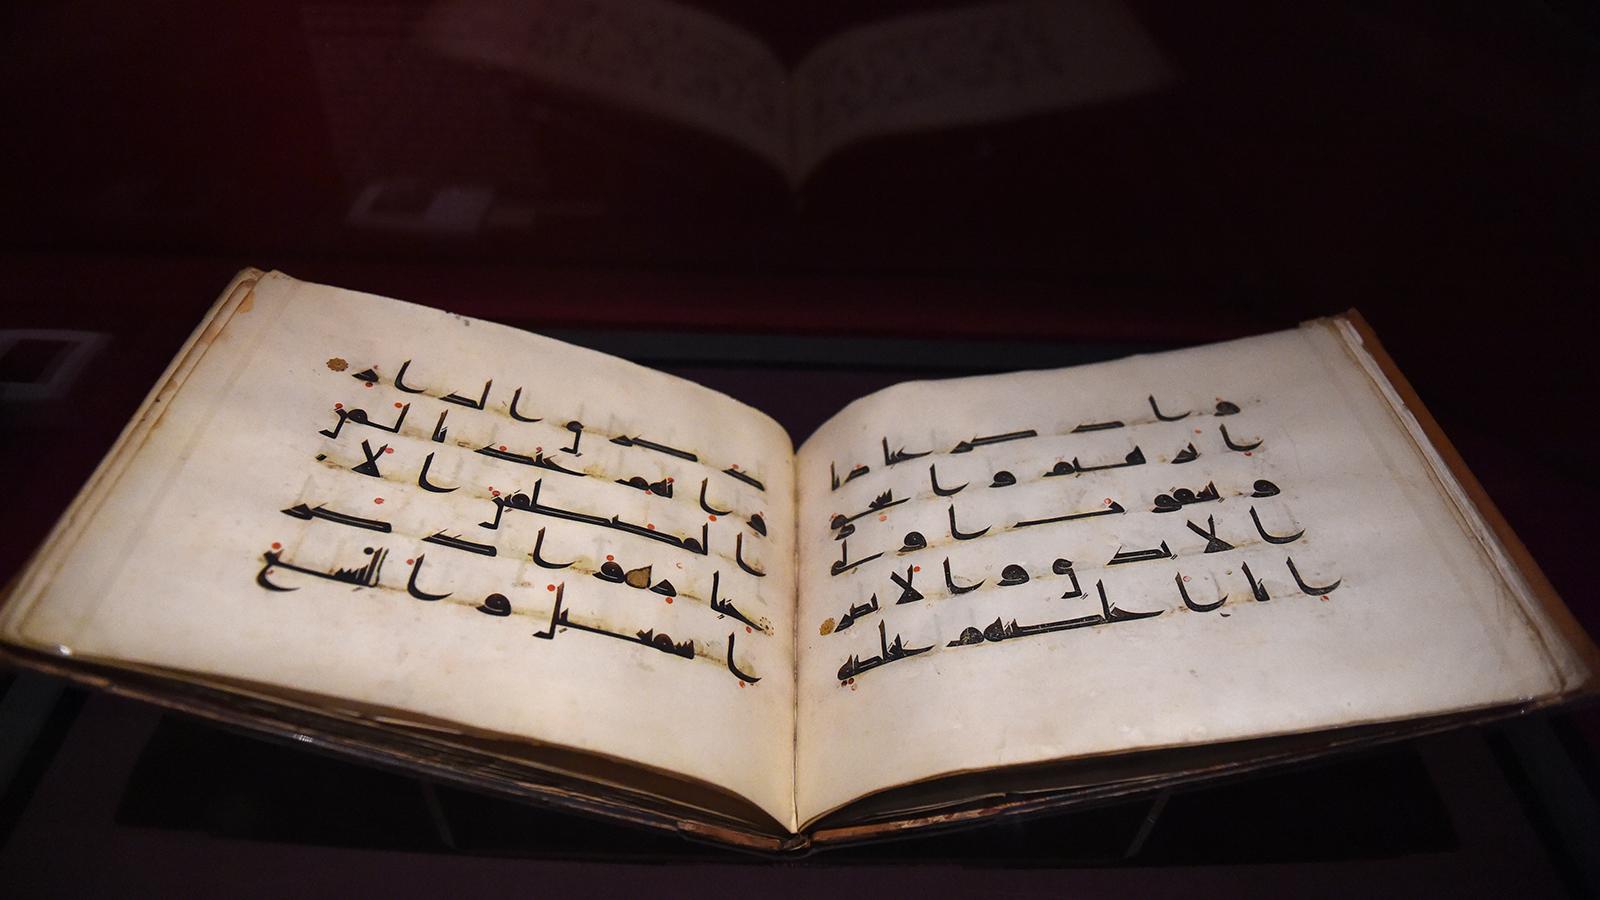 يهودي يكتب القرآن ومسيحي ينسخ تفسير الطبري ومؤلفات بخطوط نسائية.. الوراقون وصناعة الكتاب في الحضارة الإسلامية 76cac824-8265-44b6-ad77-d3b299f9714f